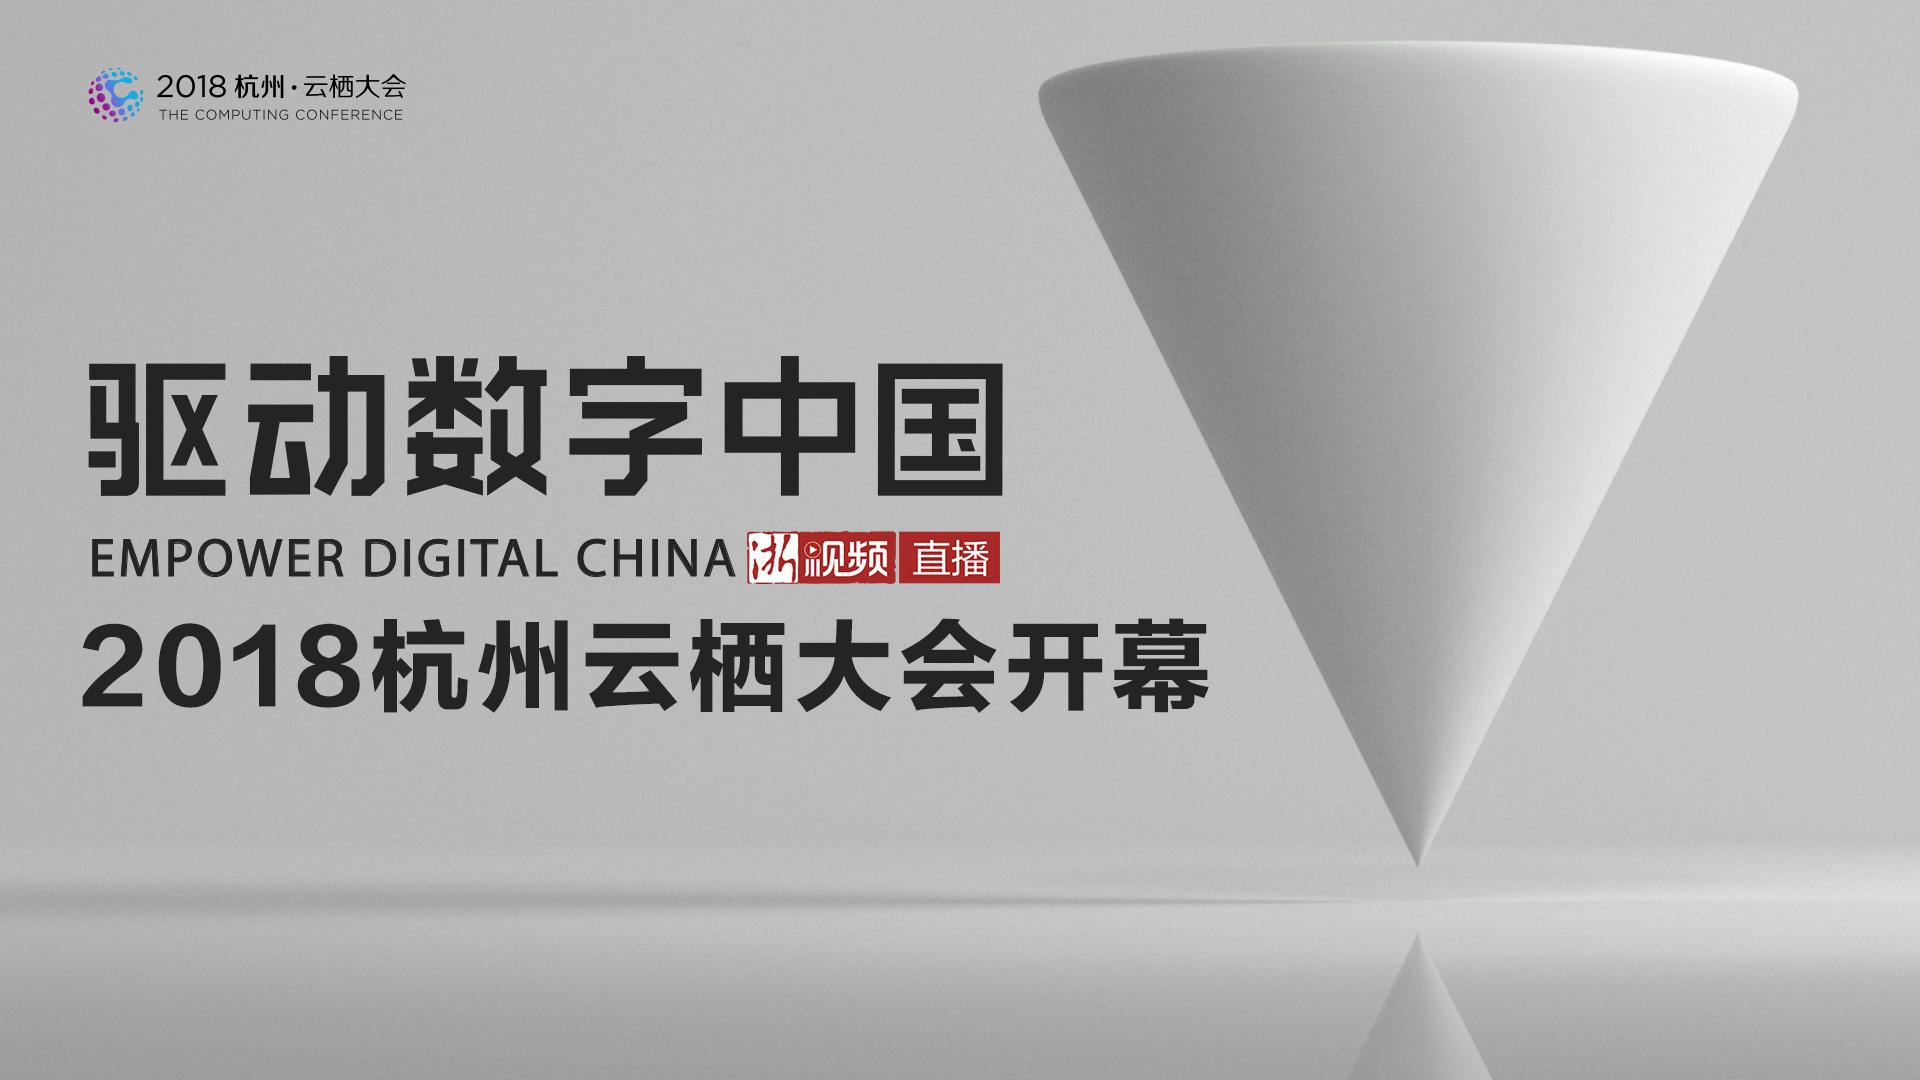 直播回放丨驱动数字中国——2018杭州云栖大会开幕